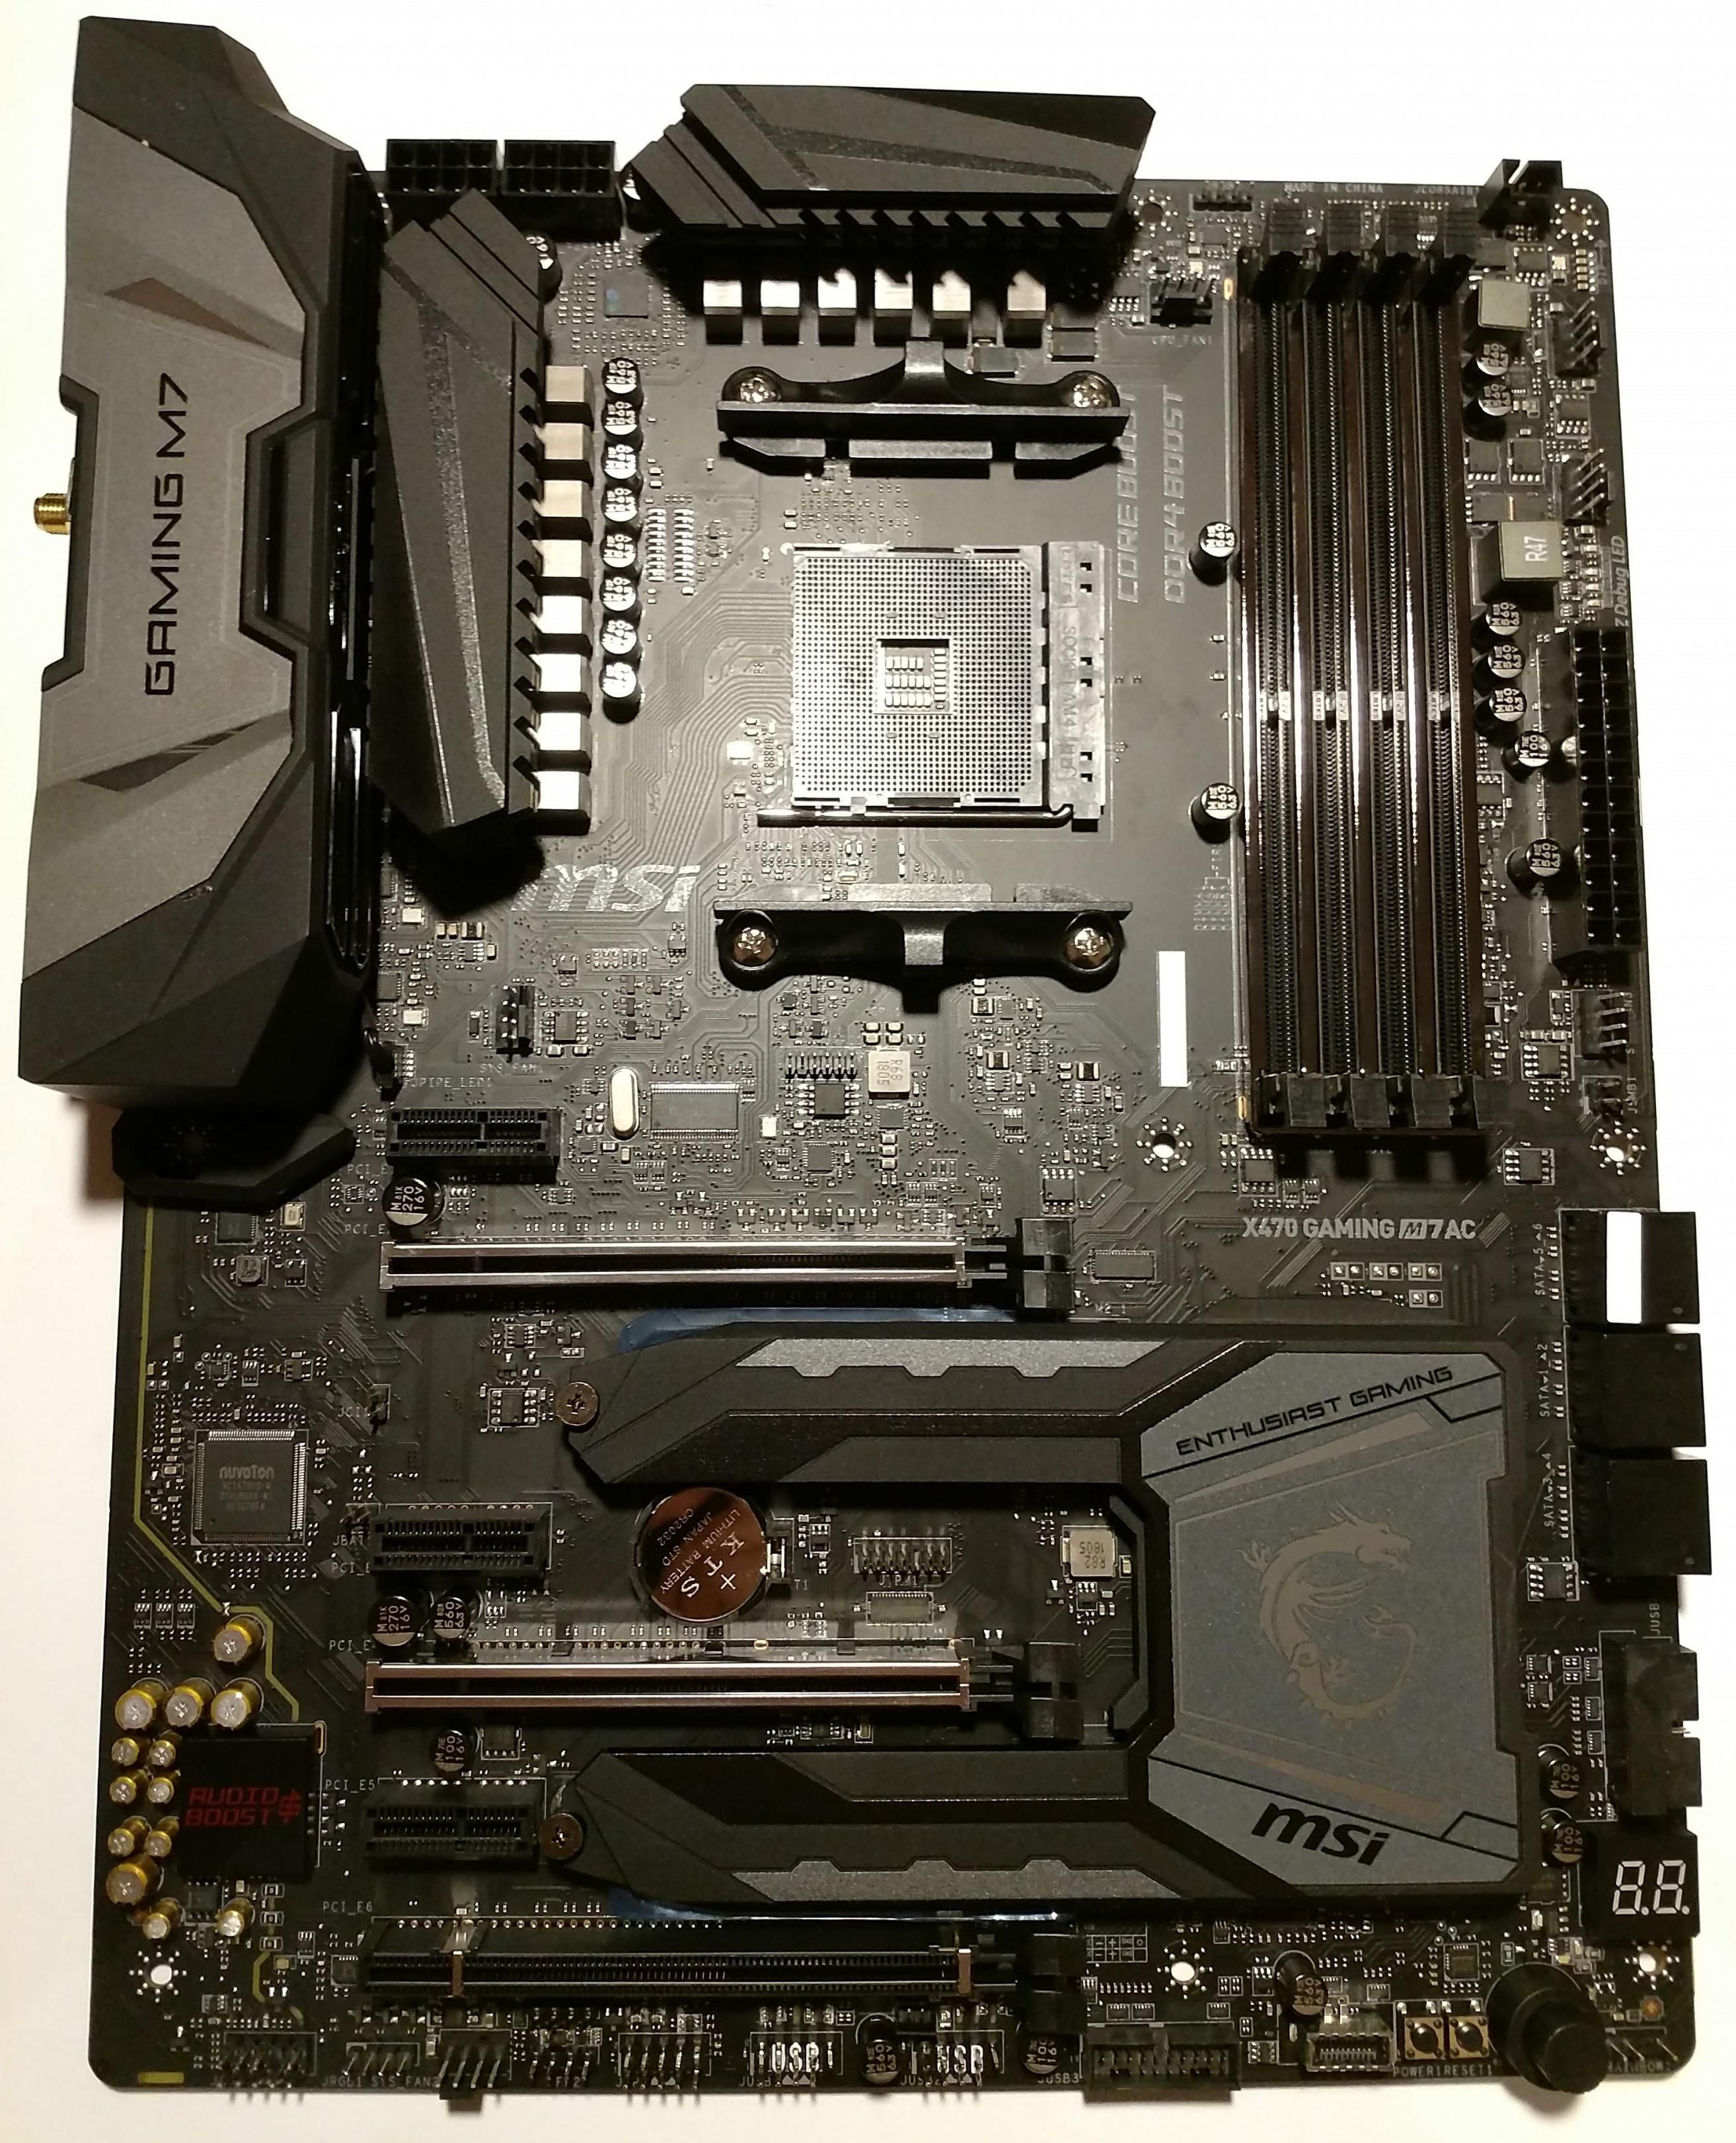 Klicken Sie auf die Grafik für eine größere Ansicht  Name:34. MSI X470 Gaming M7 AC Mainboard.jpg Hits:56 Größe:2,24 MB ID:1000579